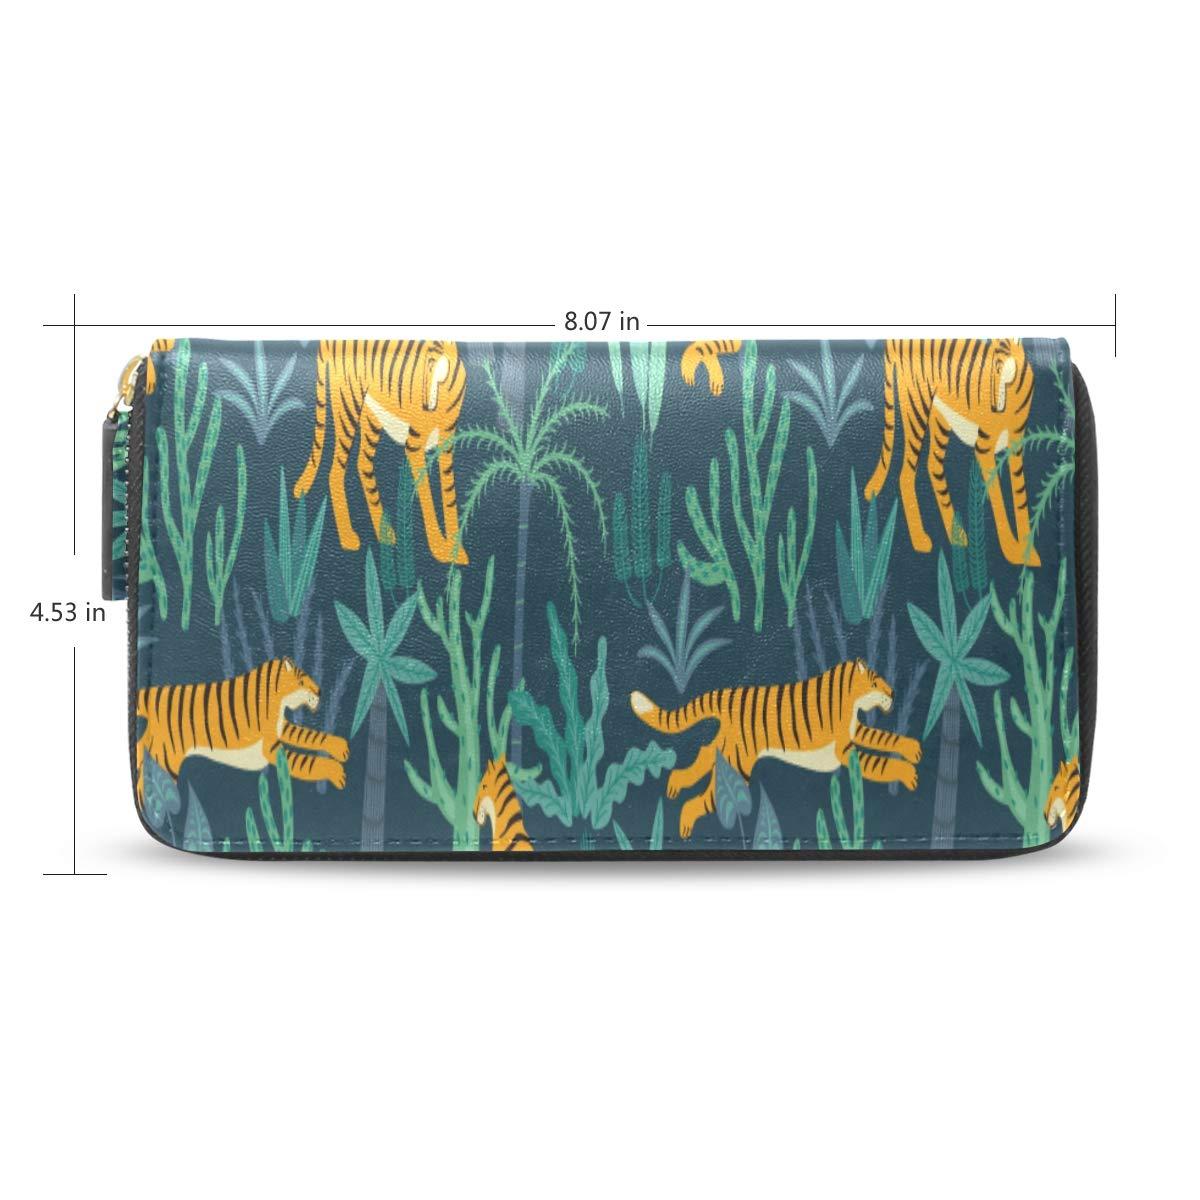 Tiger Leopard Patrón Accesorio moda Pasaporte largo Embrague ...